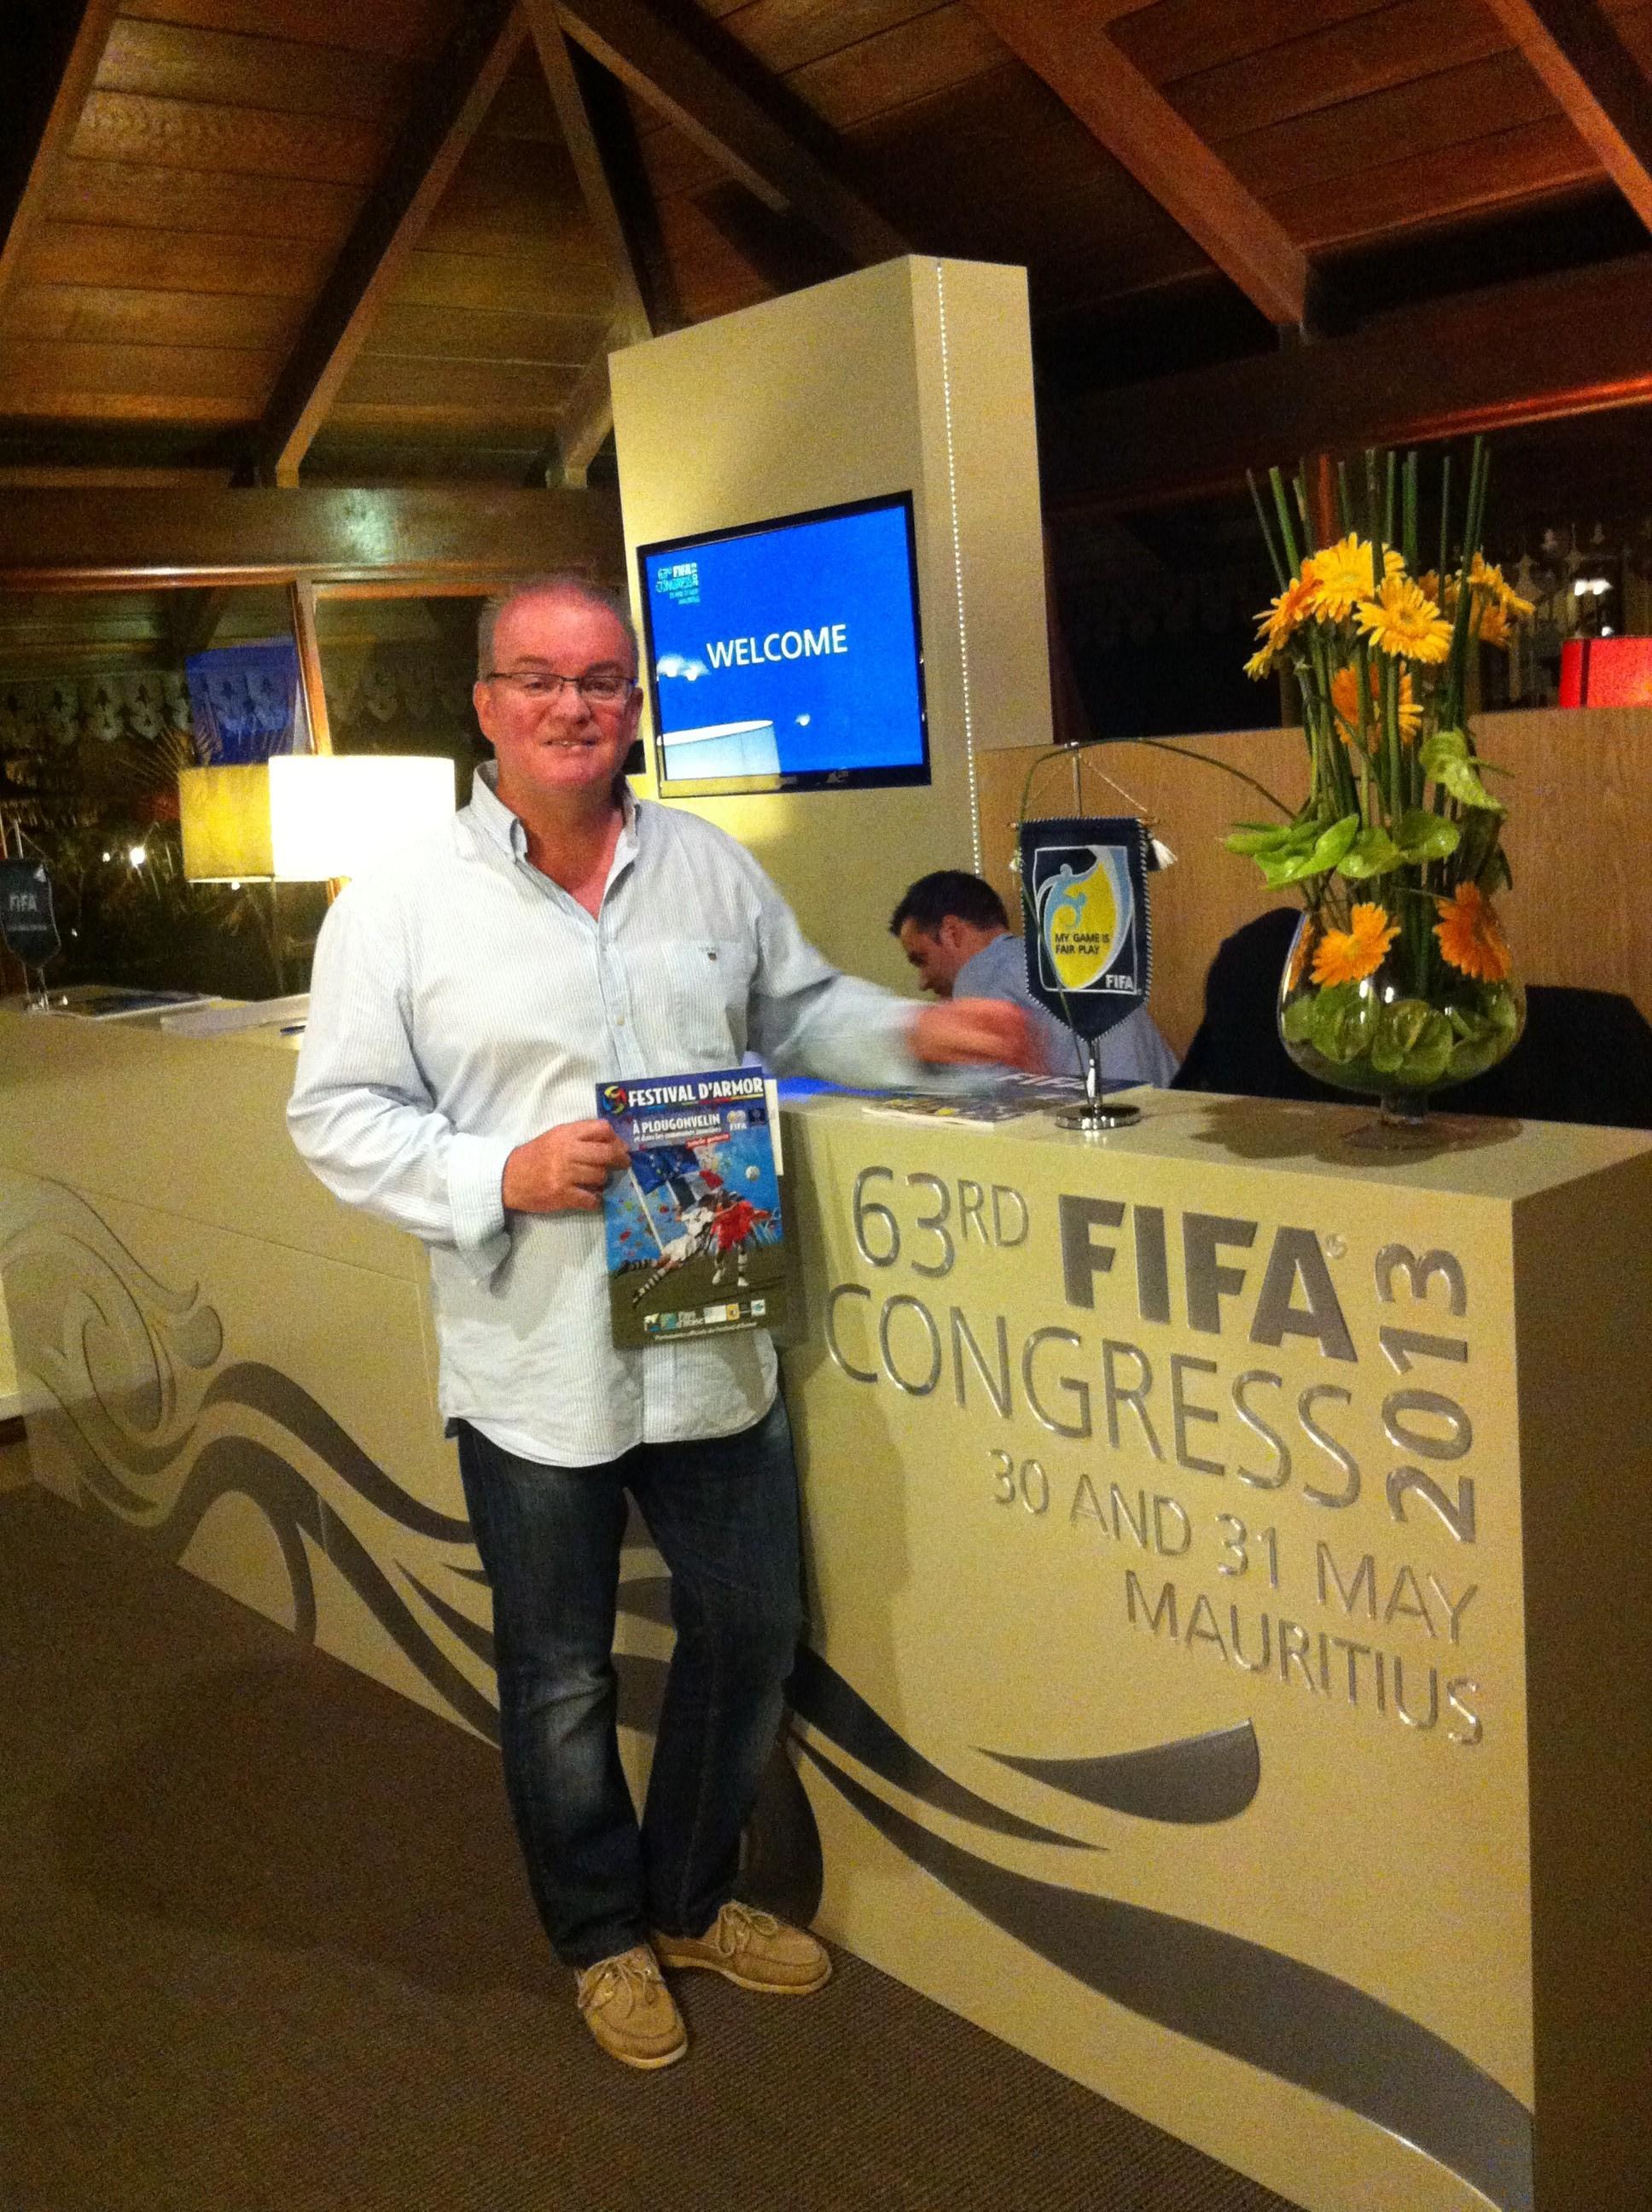 Le président Corre au 63ème Congrès de la FIFA 1